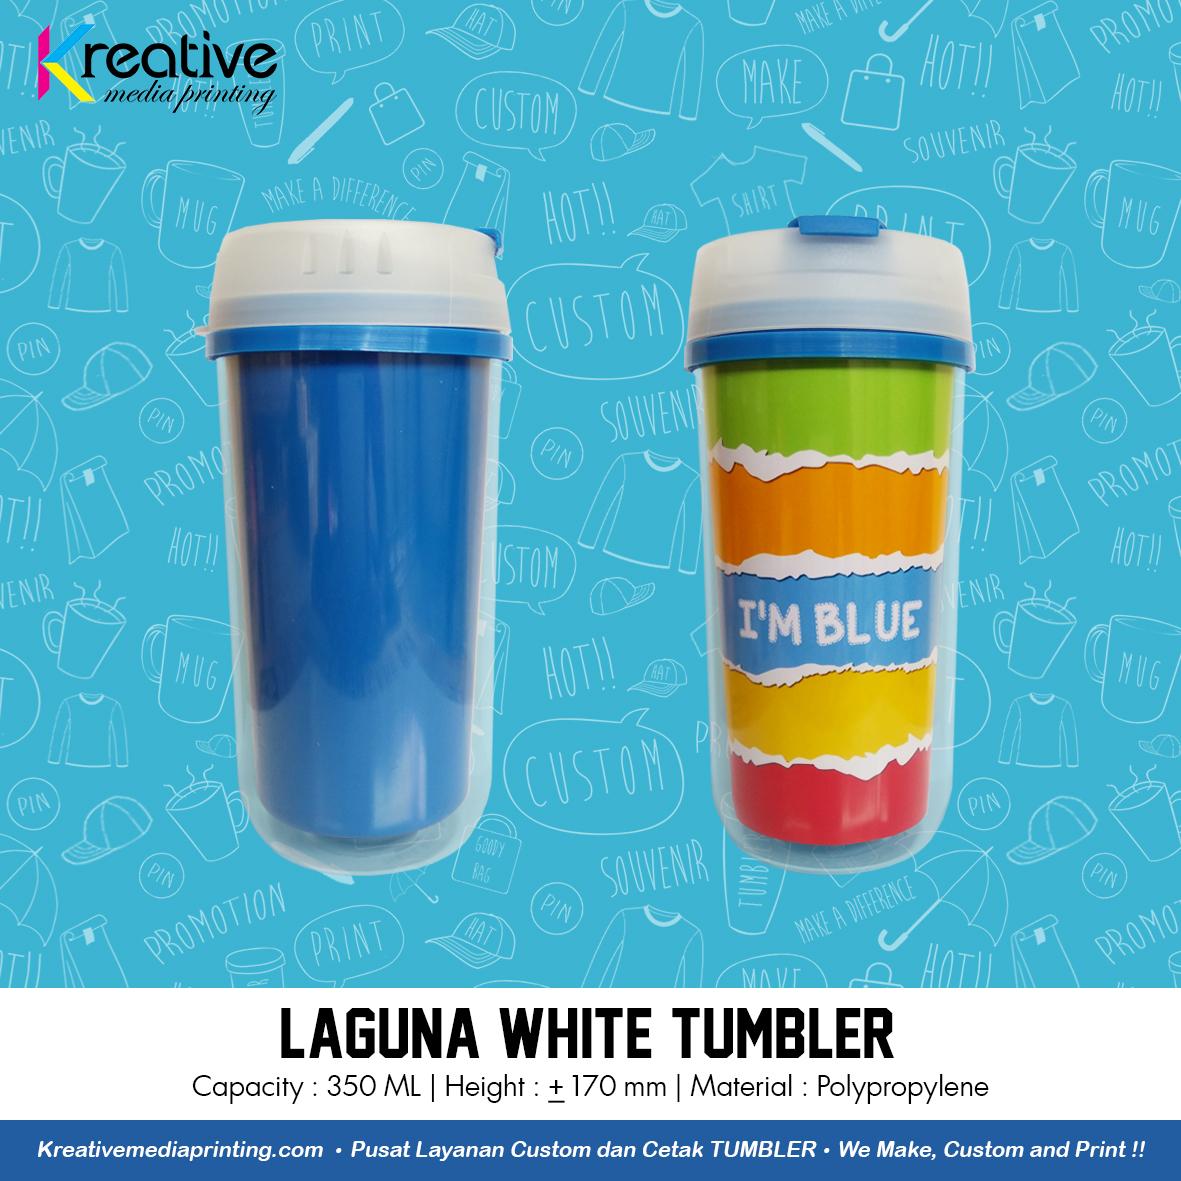 Laguna White Tumbler (1)